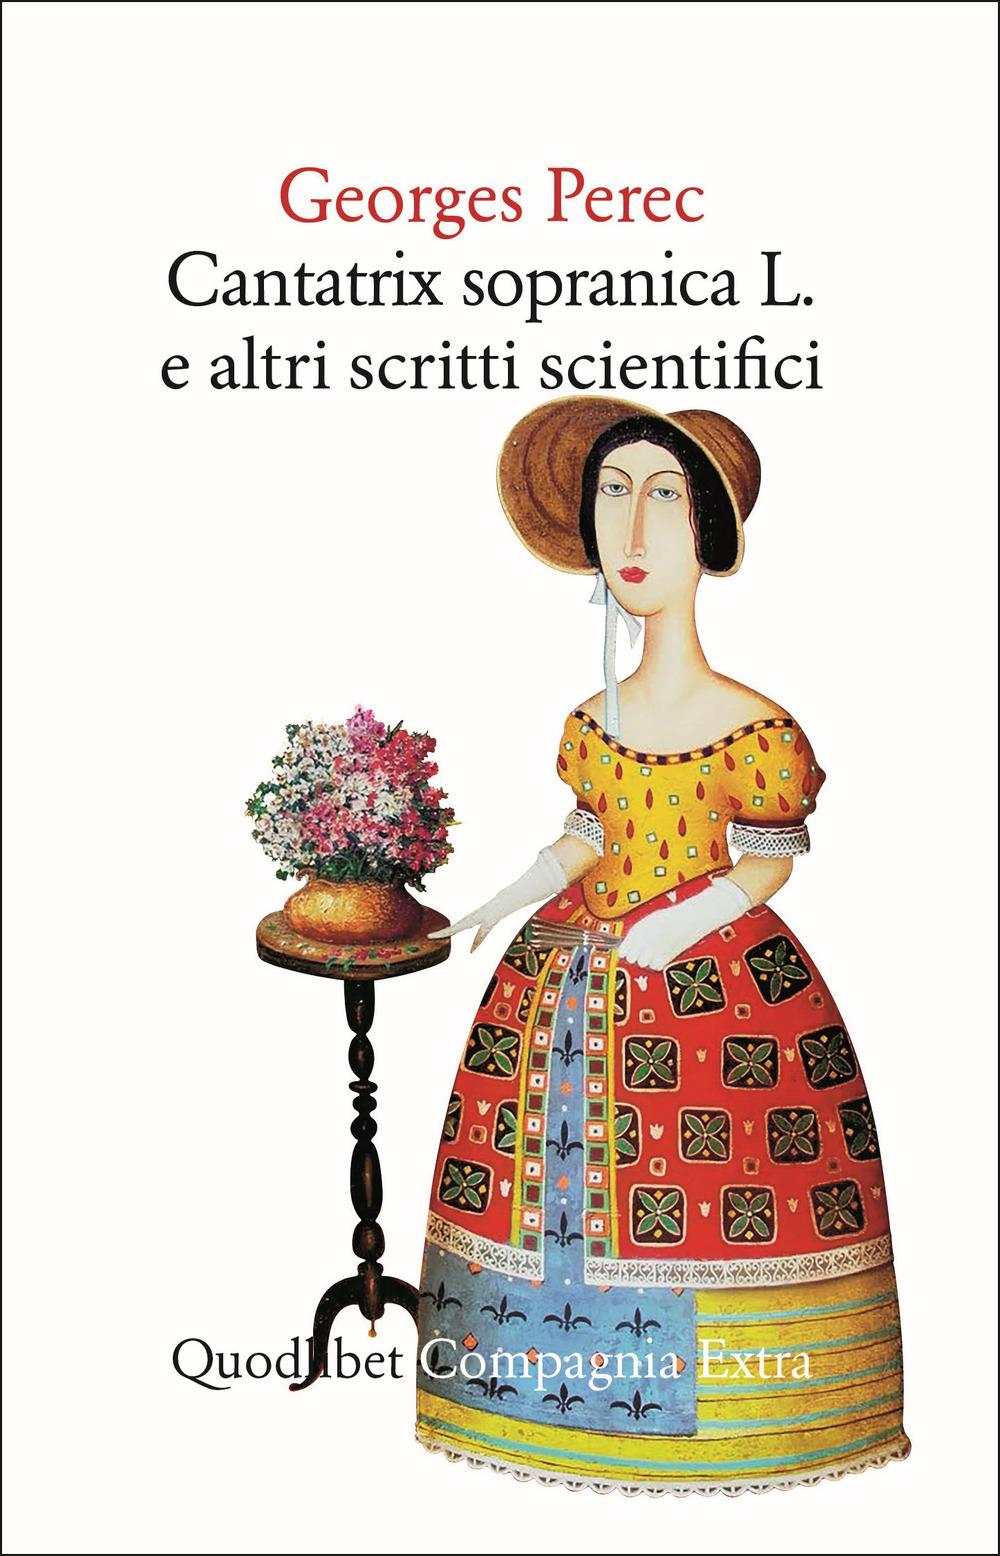 CANTATRIX SOPRANICA L. E ALTRI SCRITTI SCIENTIFICI - 9788822906168